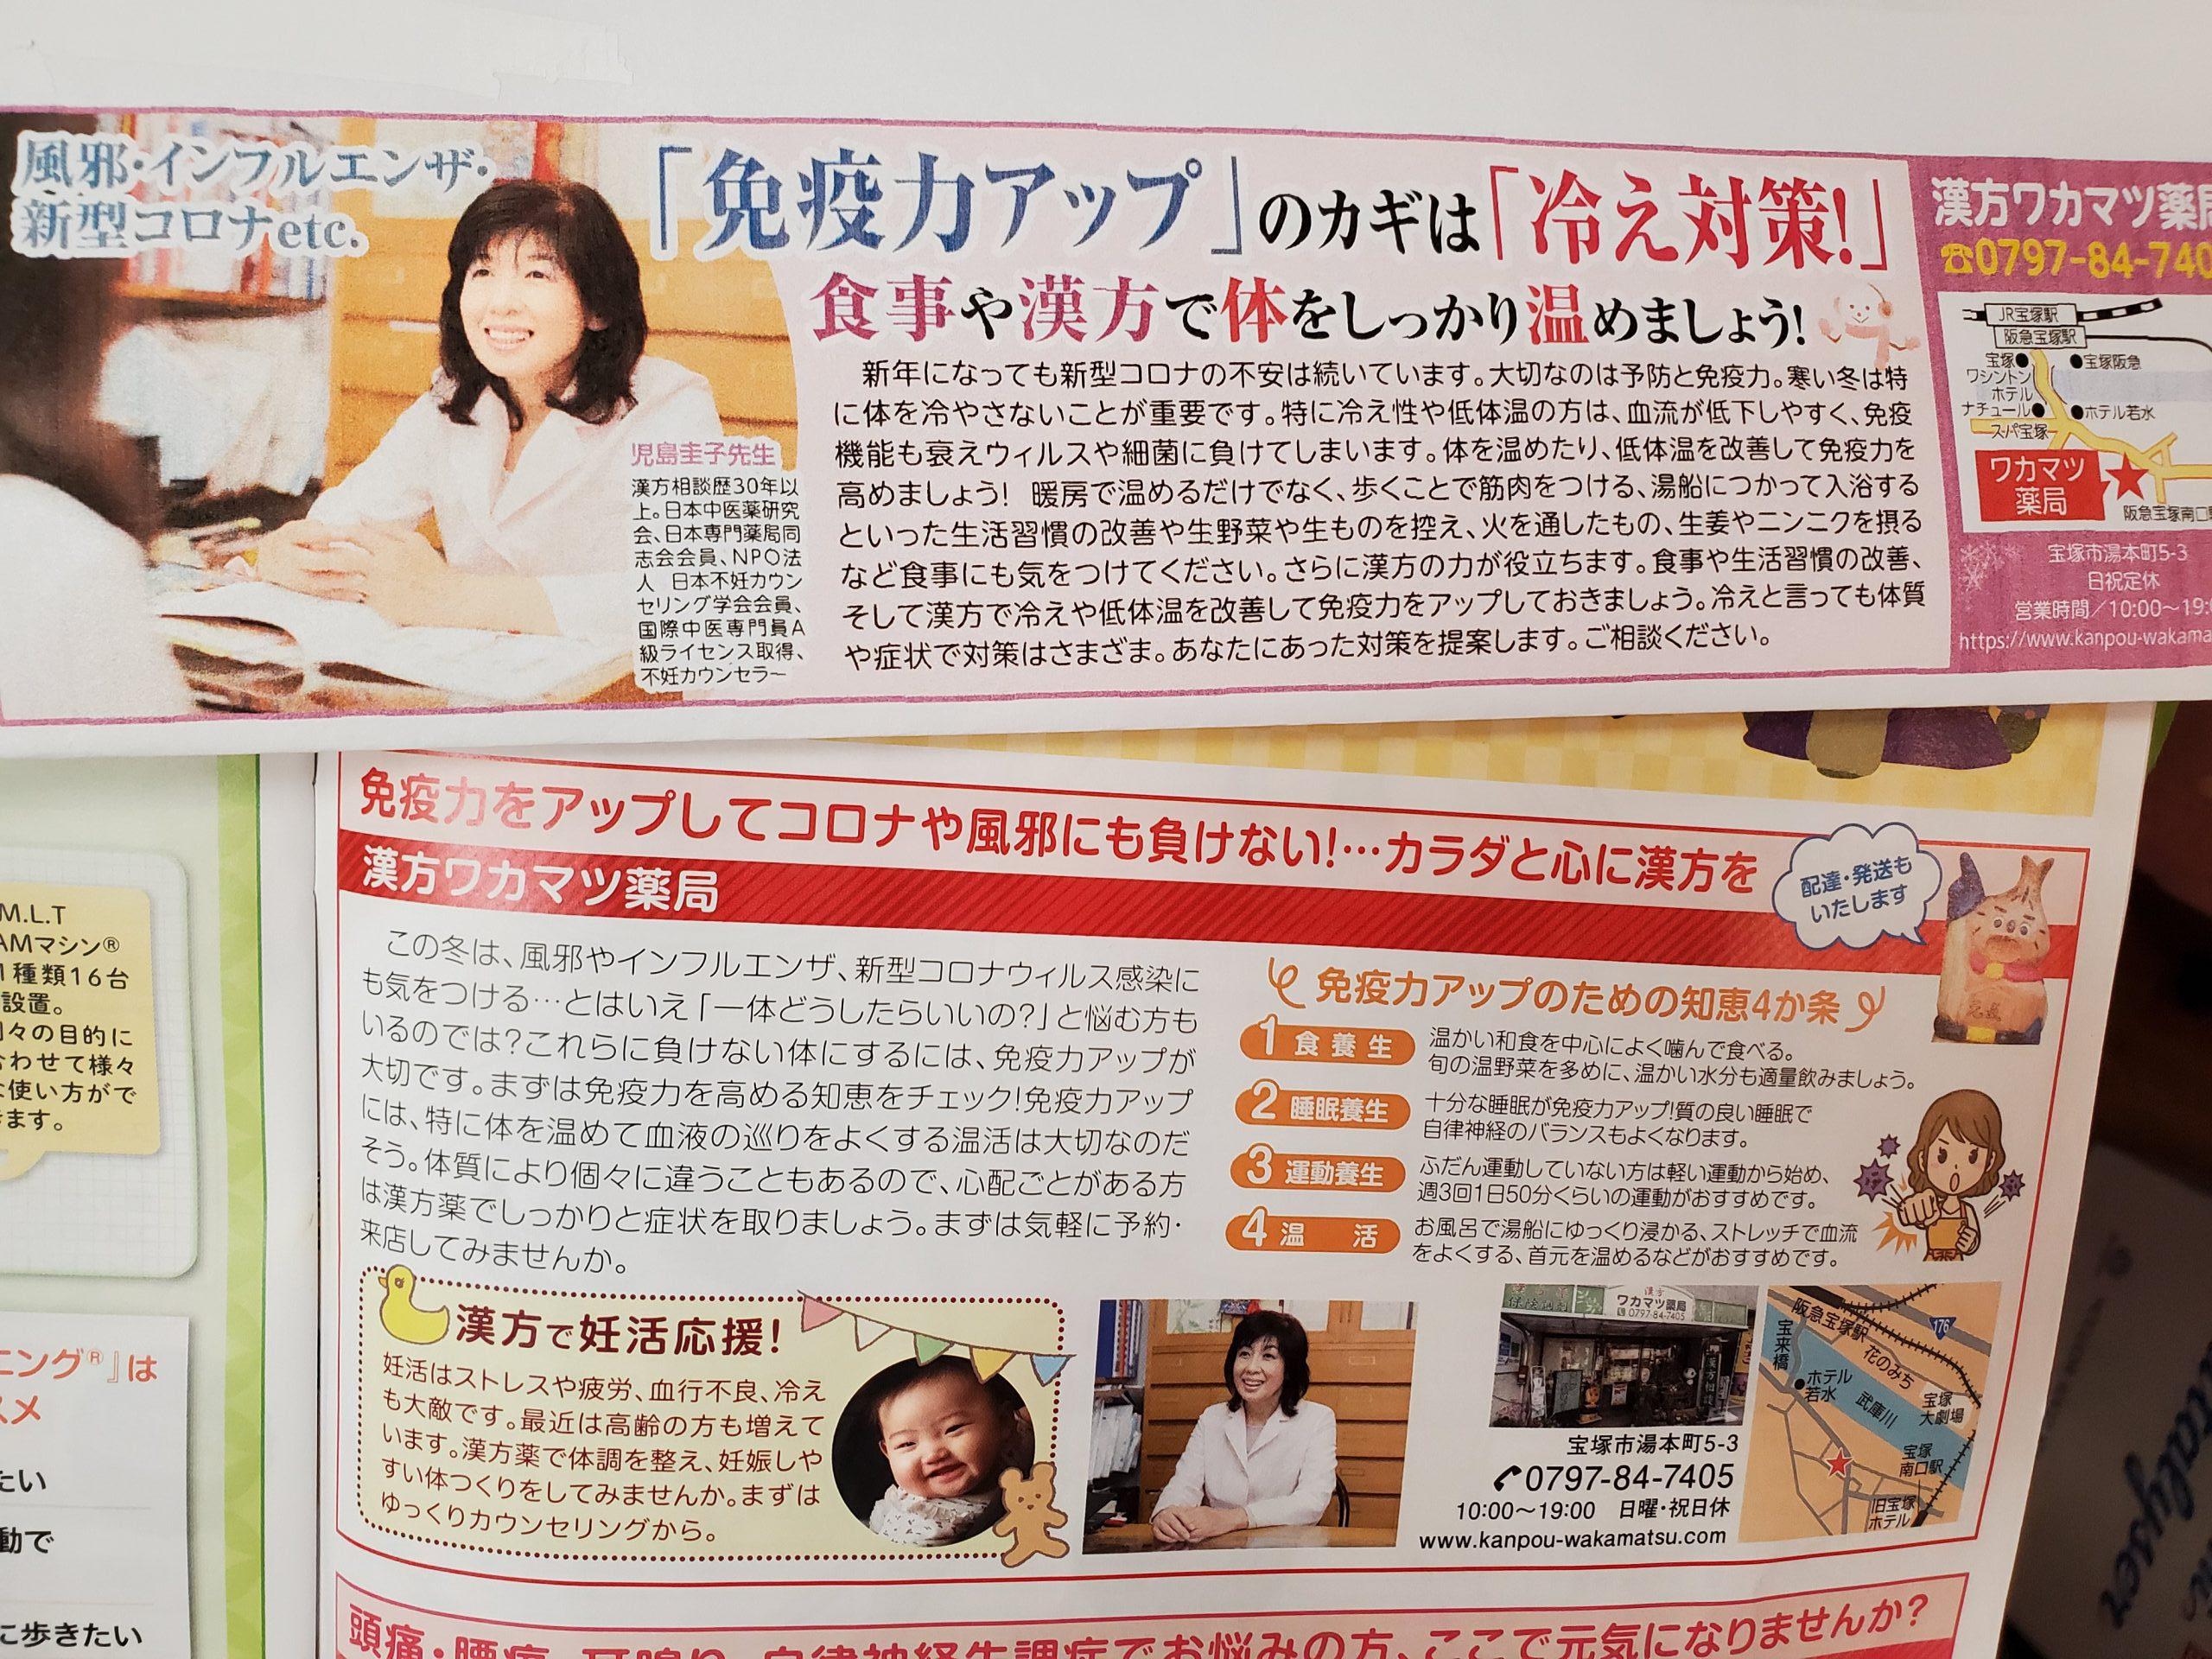 ミニコミ誌コミパなどに掲載しています。